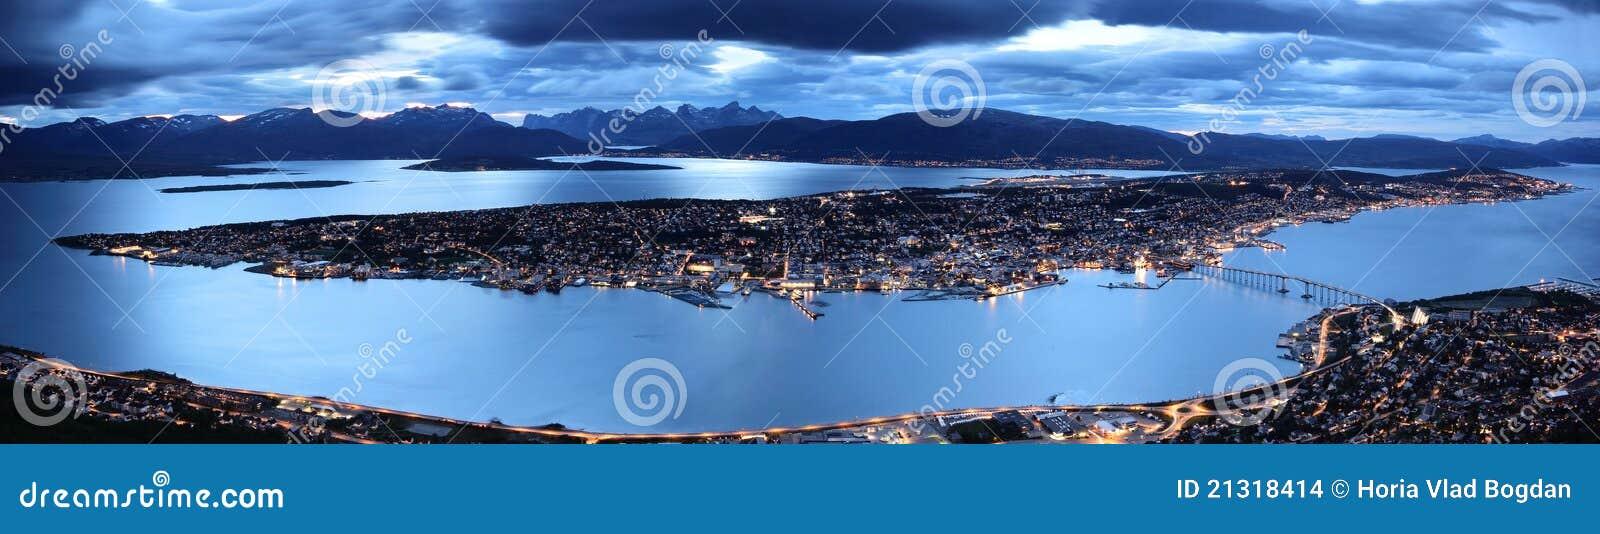 Tromso door schemeringpanorama, noordelijk Noorwegen